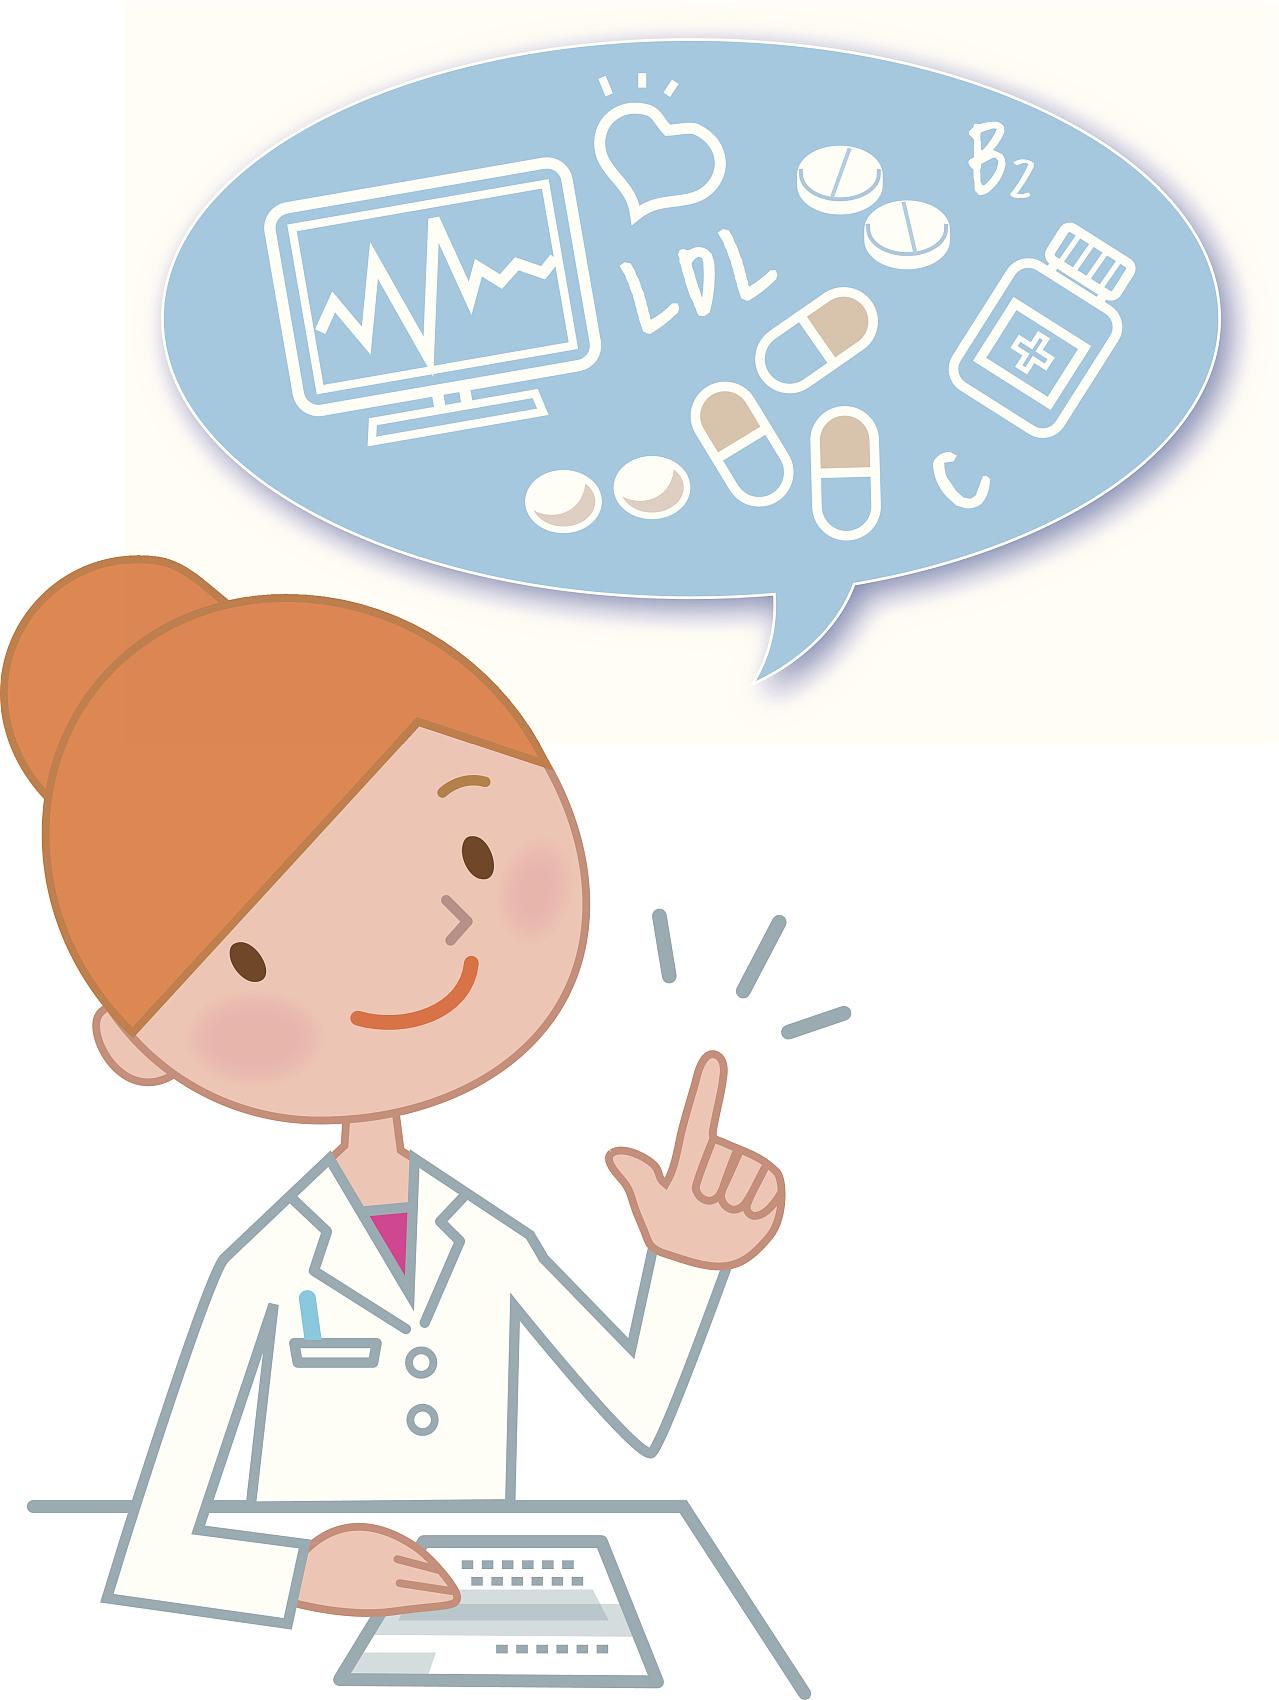 白癜风患者体内缺乏哪些微量元素?